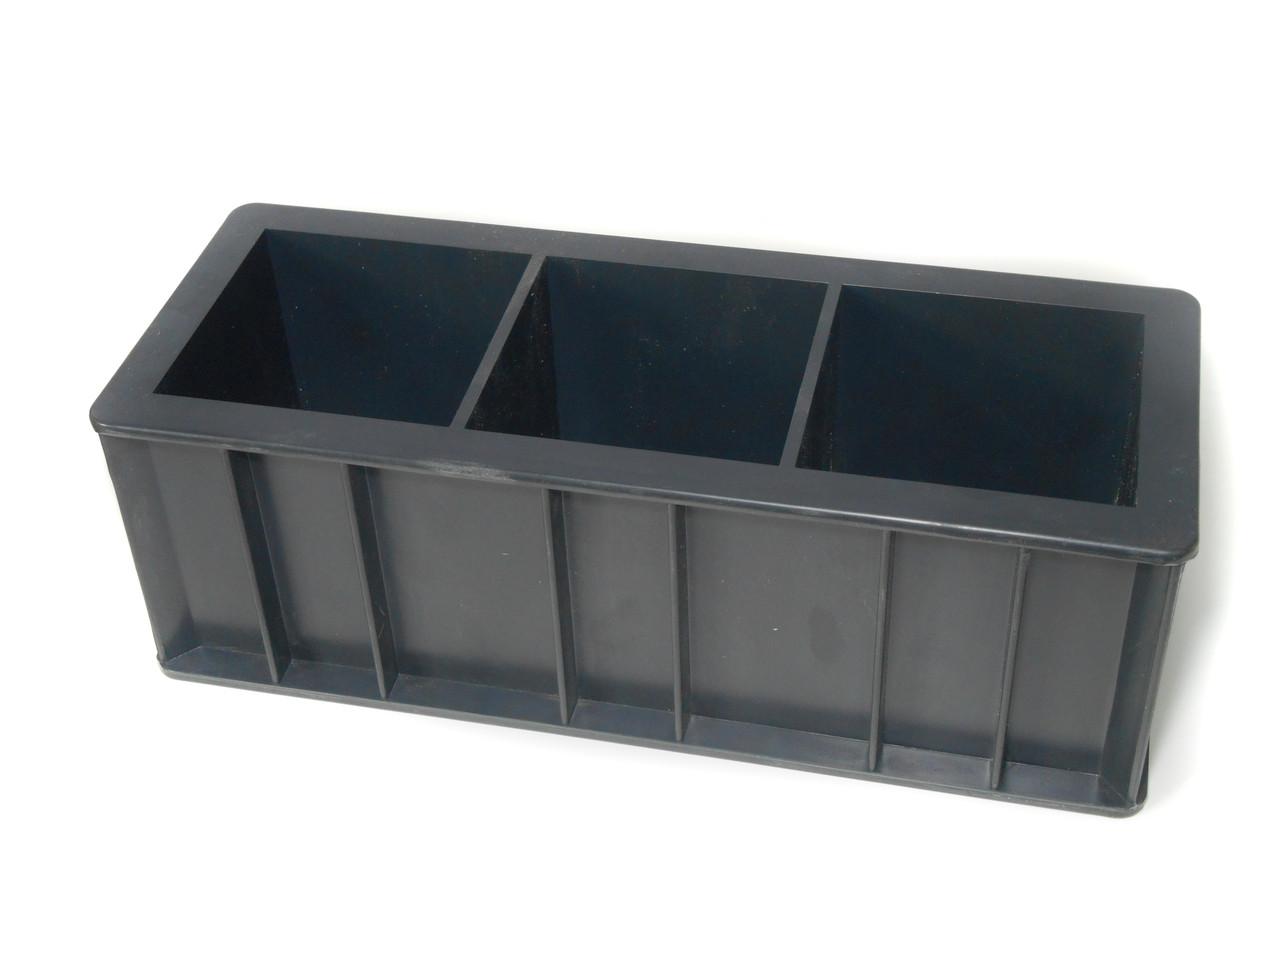 3 куба бетона купить средство для удаления цементных растворов